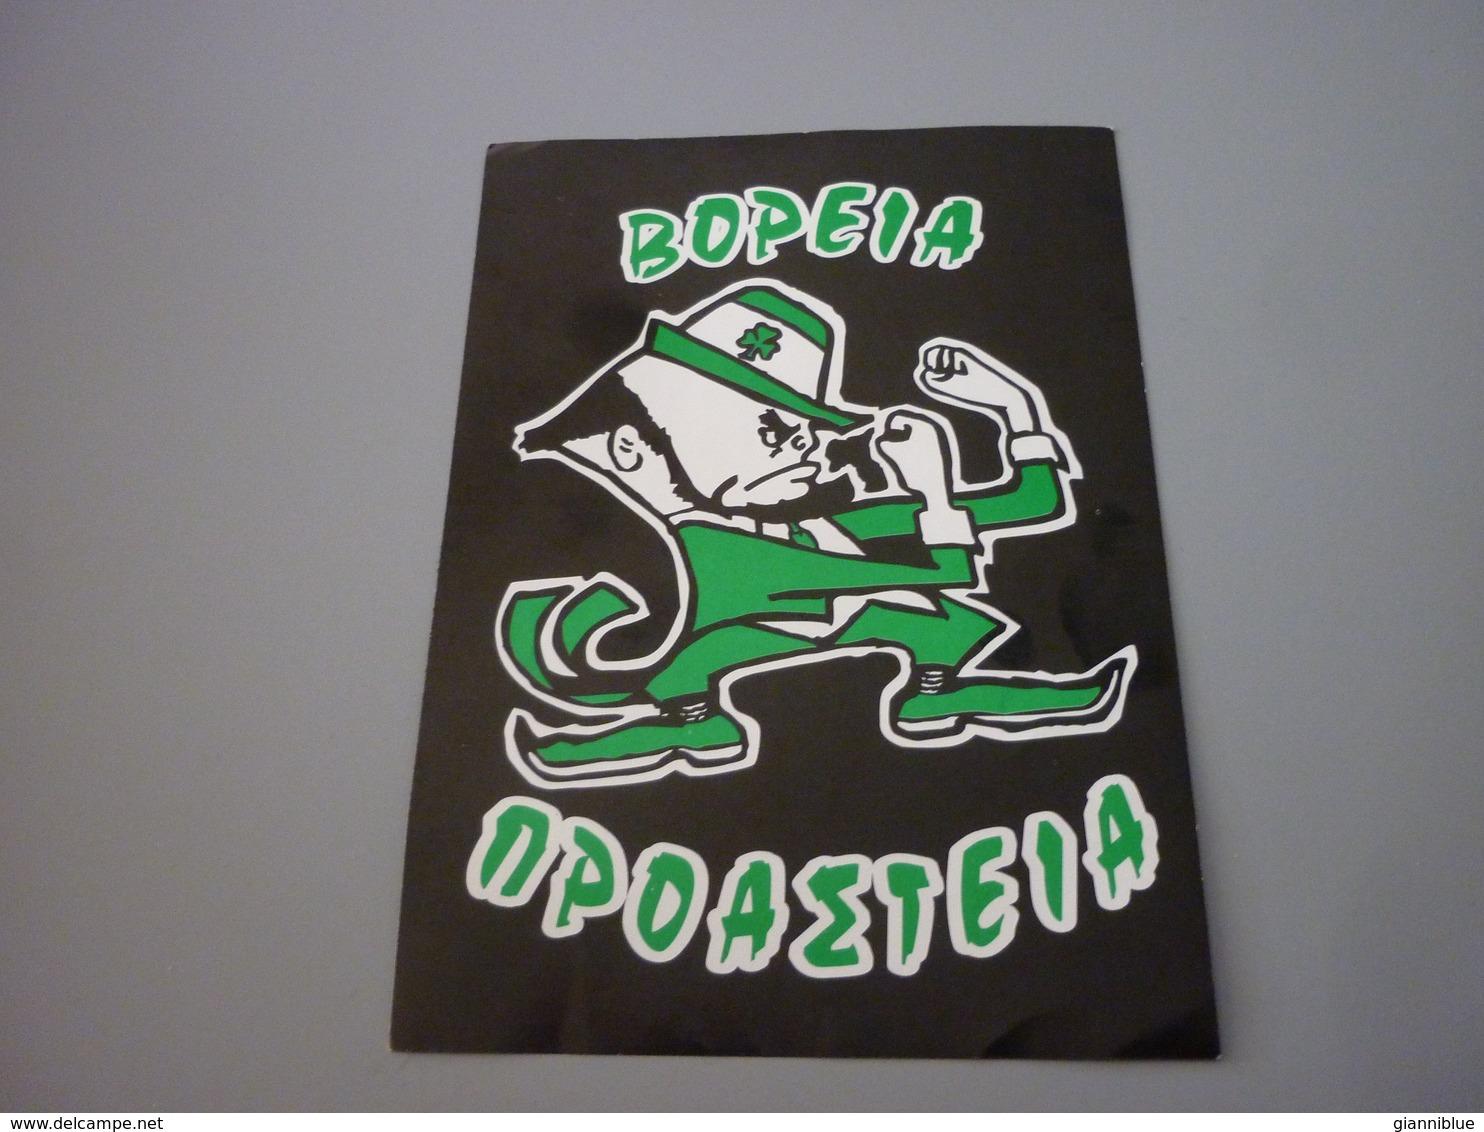 Panathinaikos Gate 13 Ultras Voreia Proasteia North Suburbs Fan Club Sticker Autocollant (Fighting Irish Theme) - Stickers